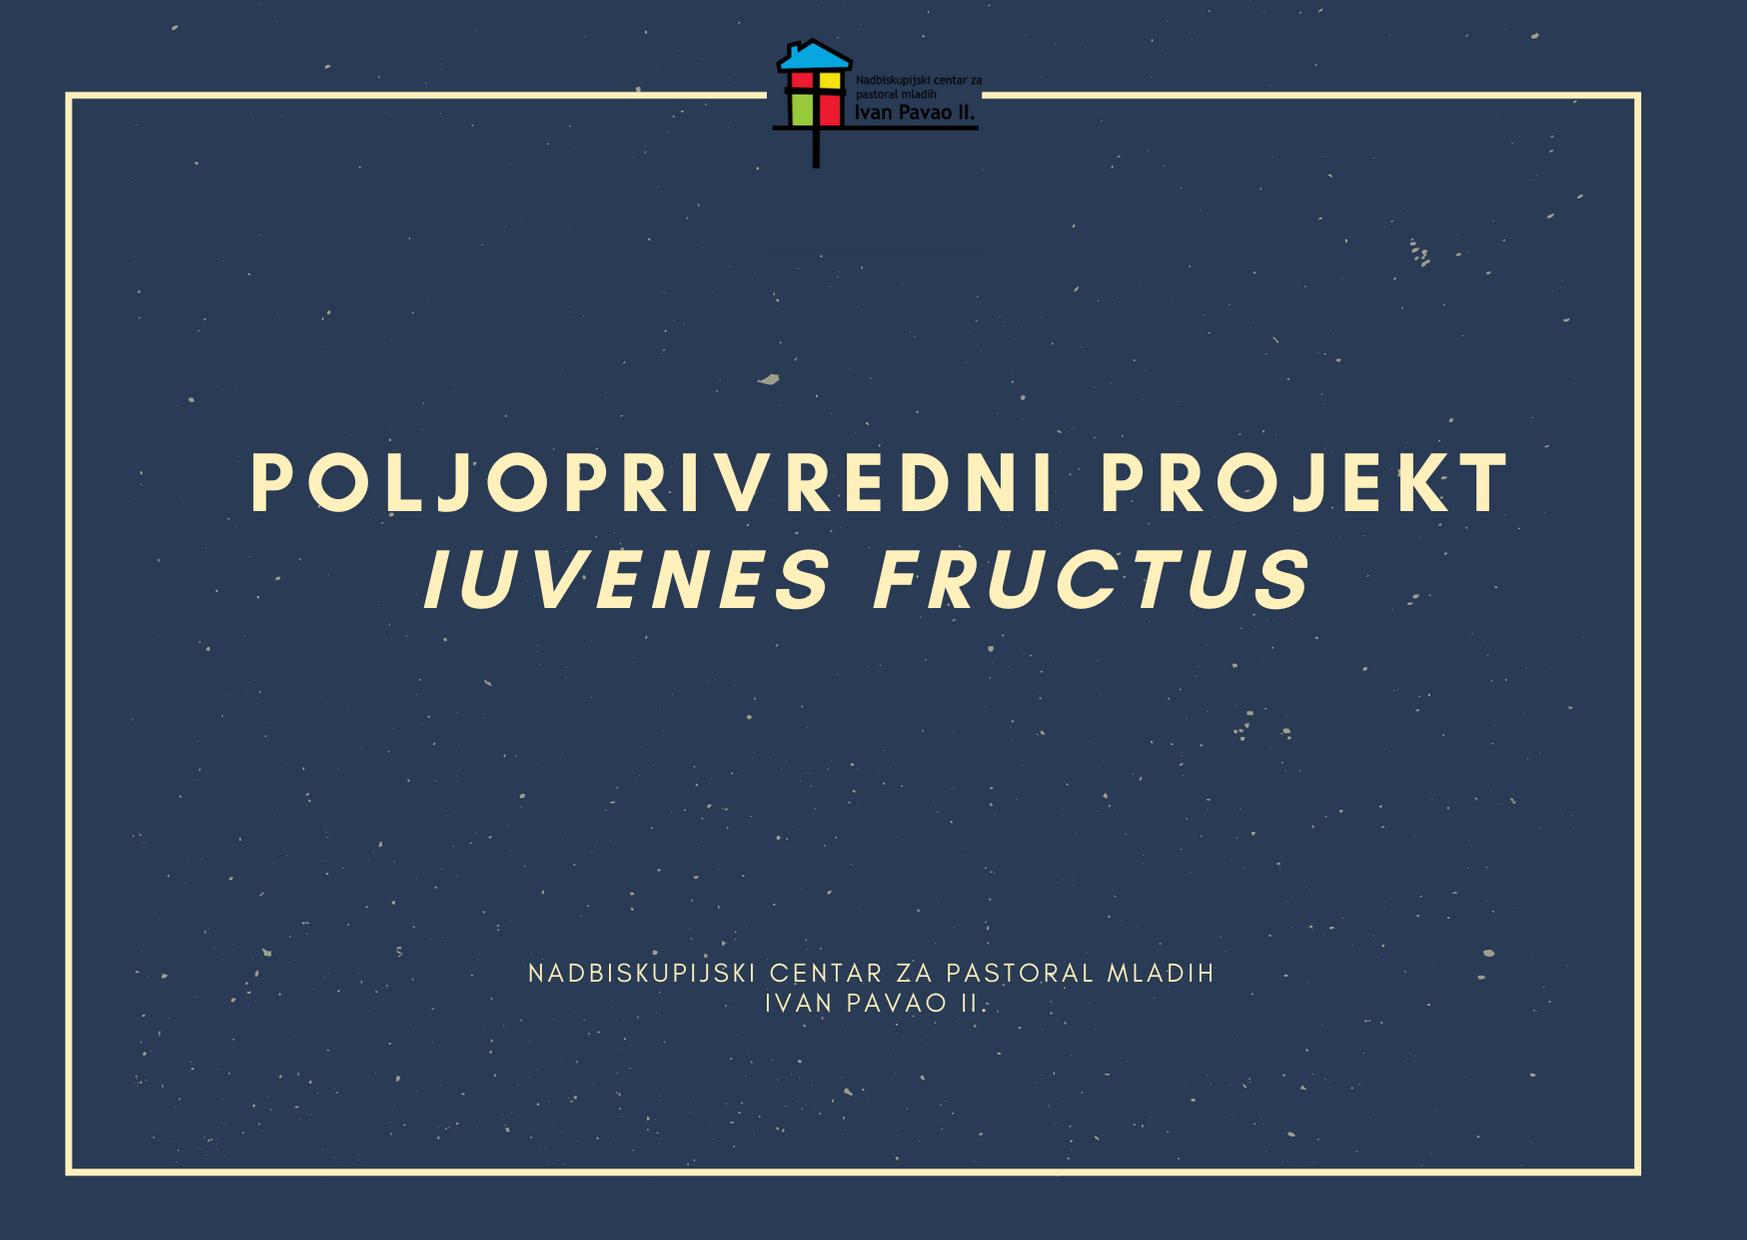 Iuvenes Fructus